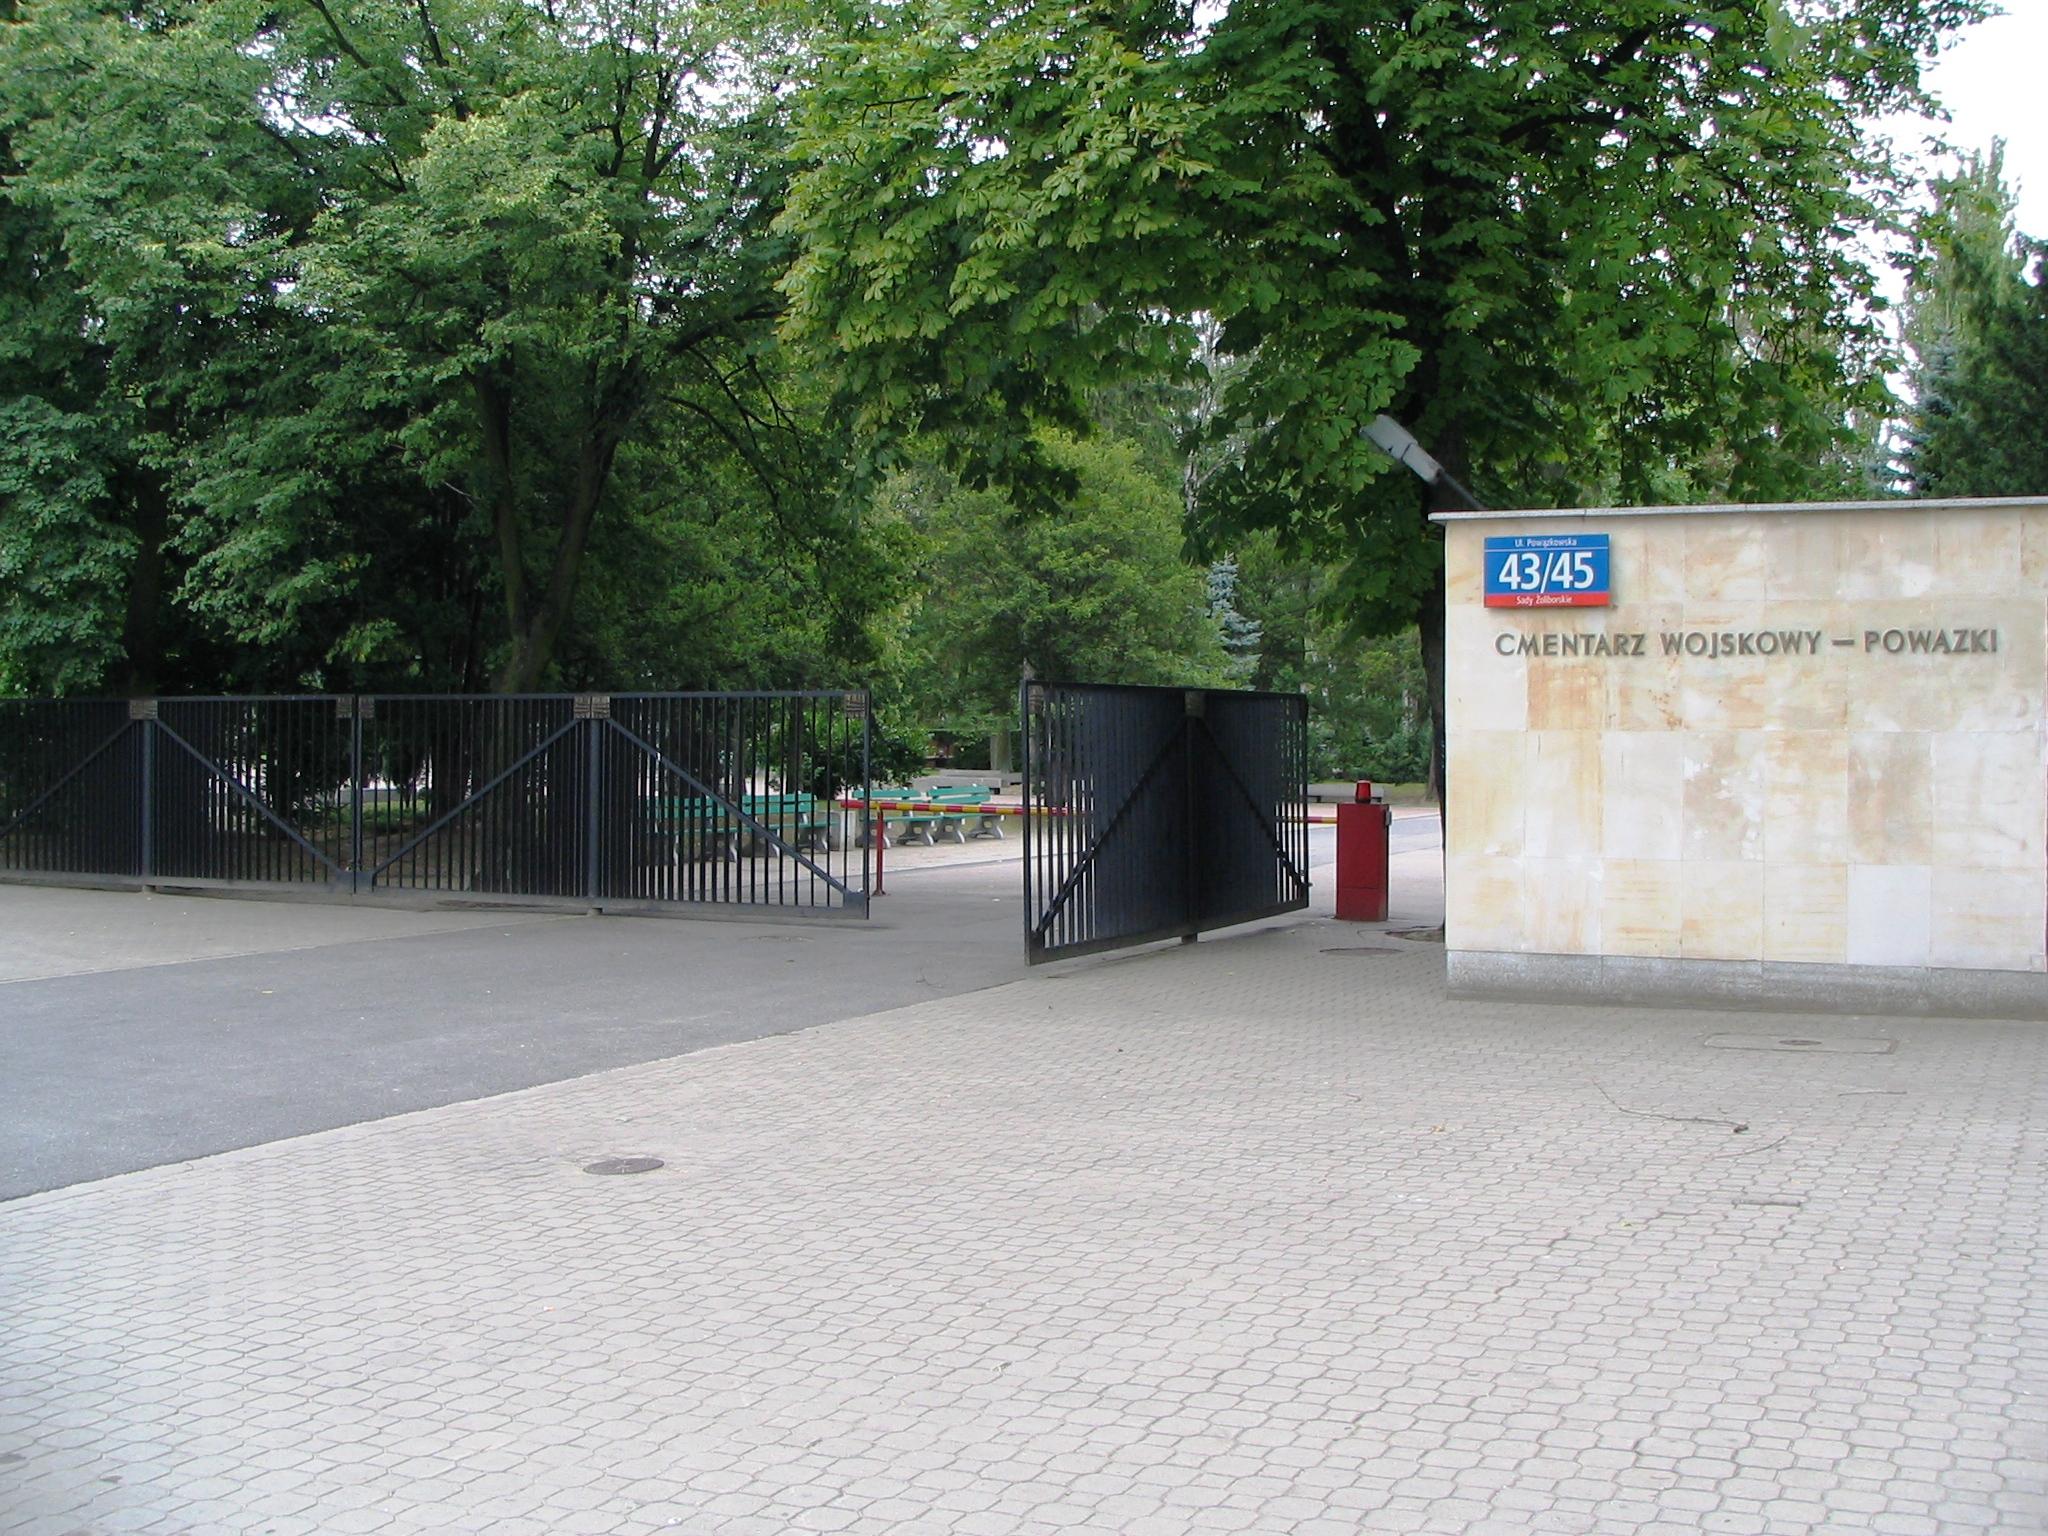 Jan Olszewski zostanie pochowany na warszawskich Powązkach w sobotę po południu